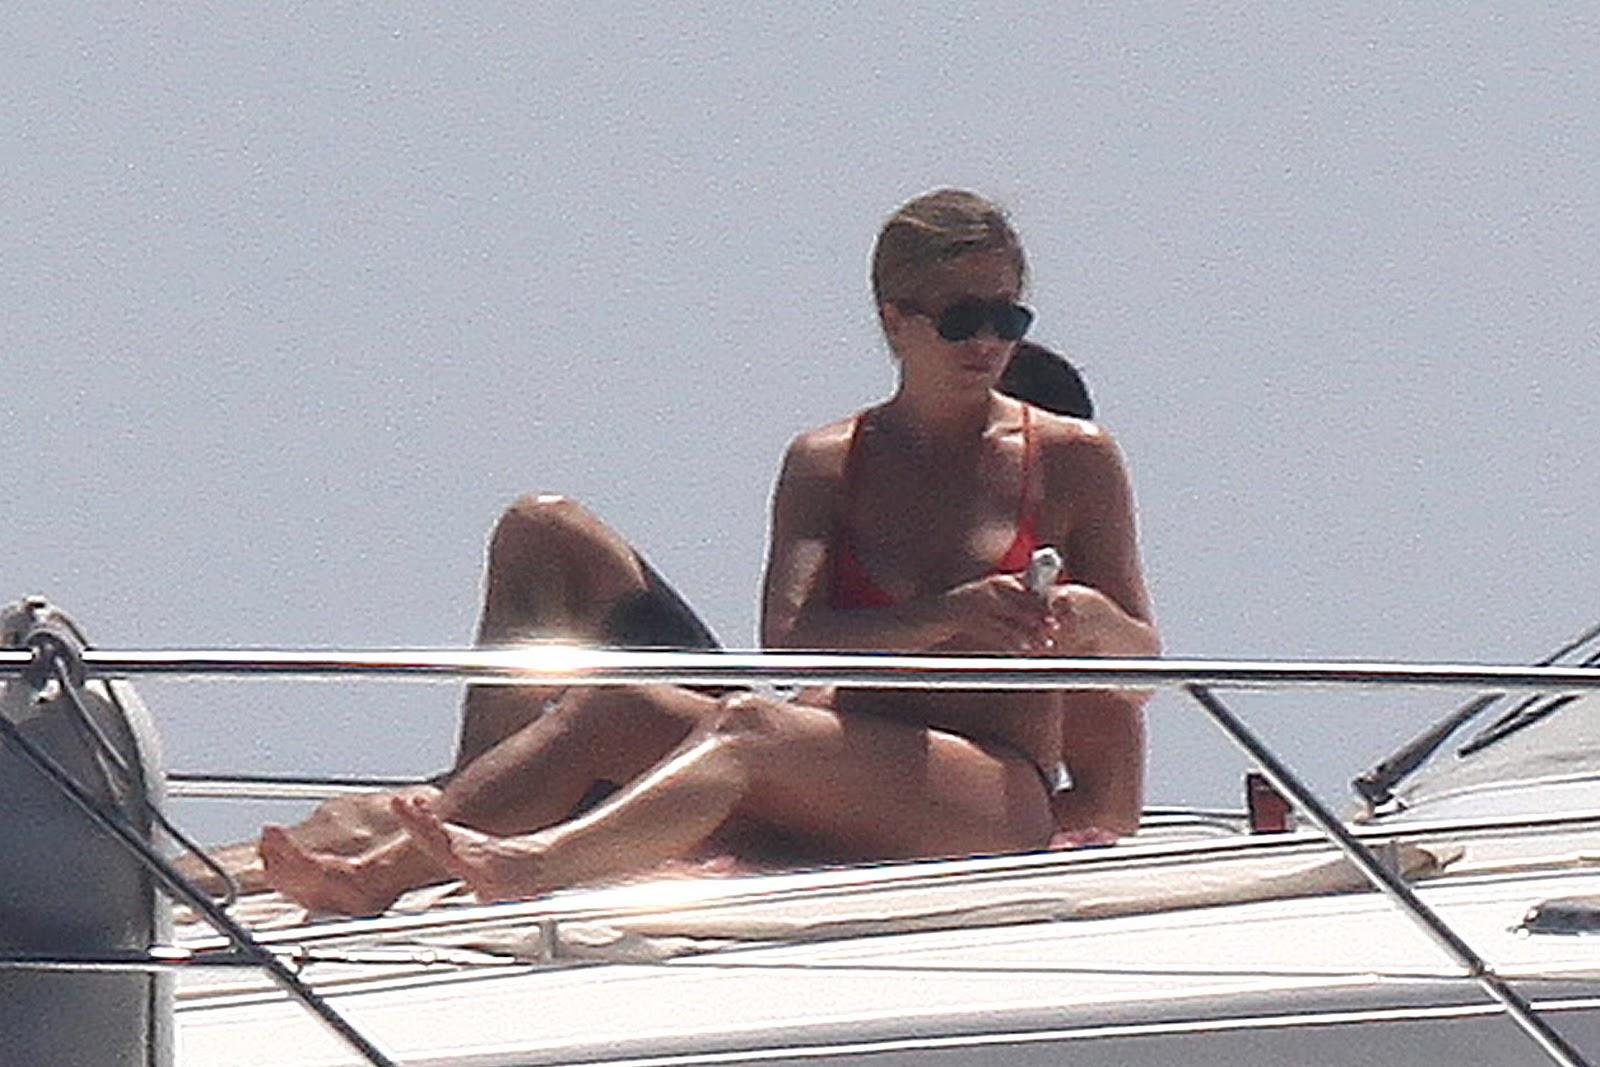 http://1.bp.blogspot.com/-3VsNI4qDRJI/T-SM7AmgckI/AAAAAAAAI44/yLrKvXmR0kU/s1600/Jennifer+Aniston+wearing++Bikini+On+Boat+in+Capri.jpg